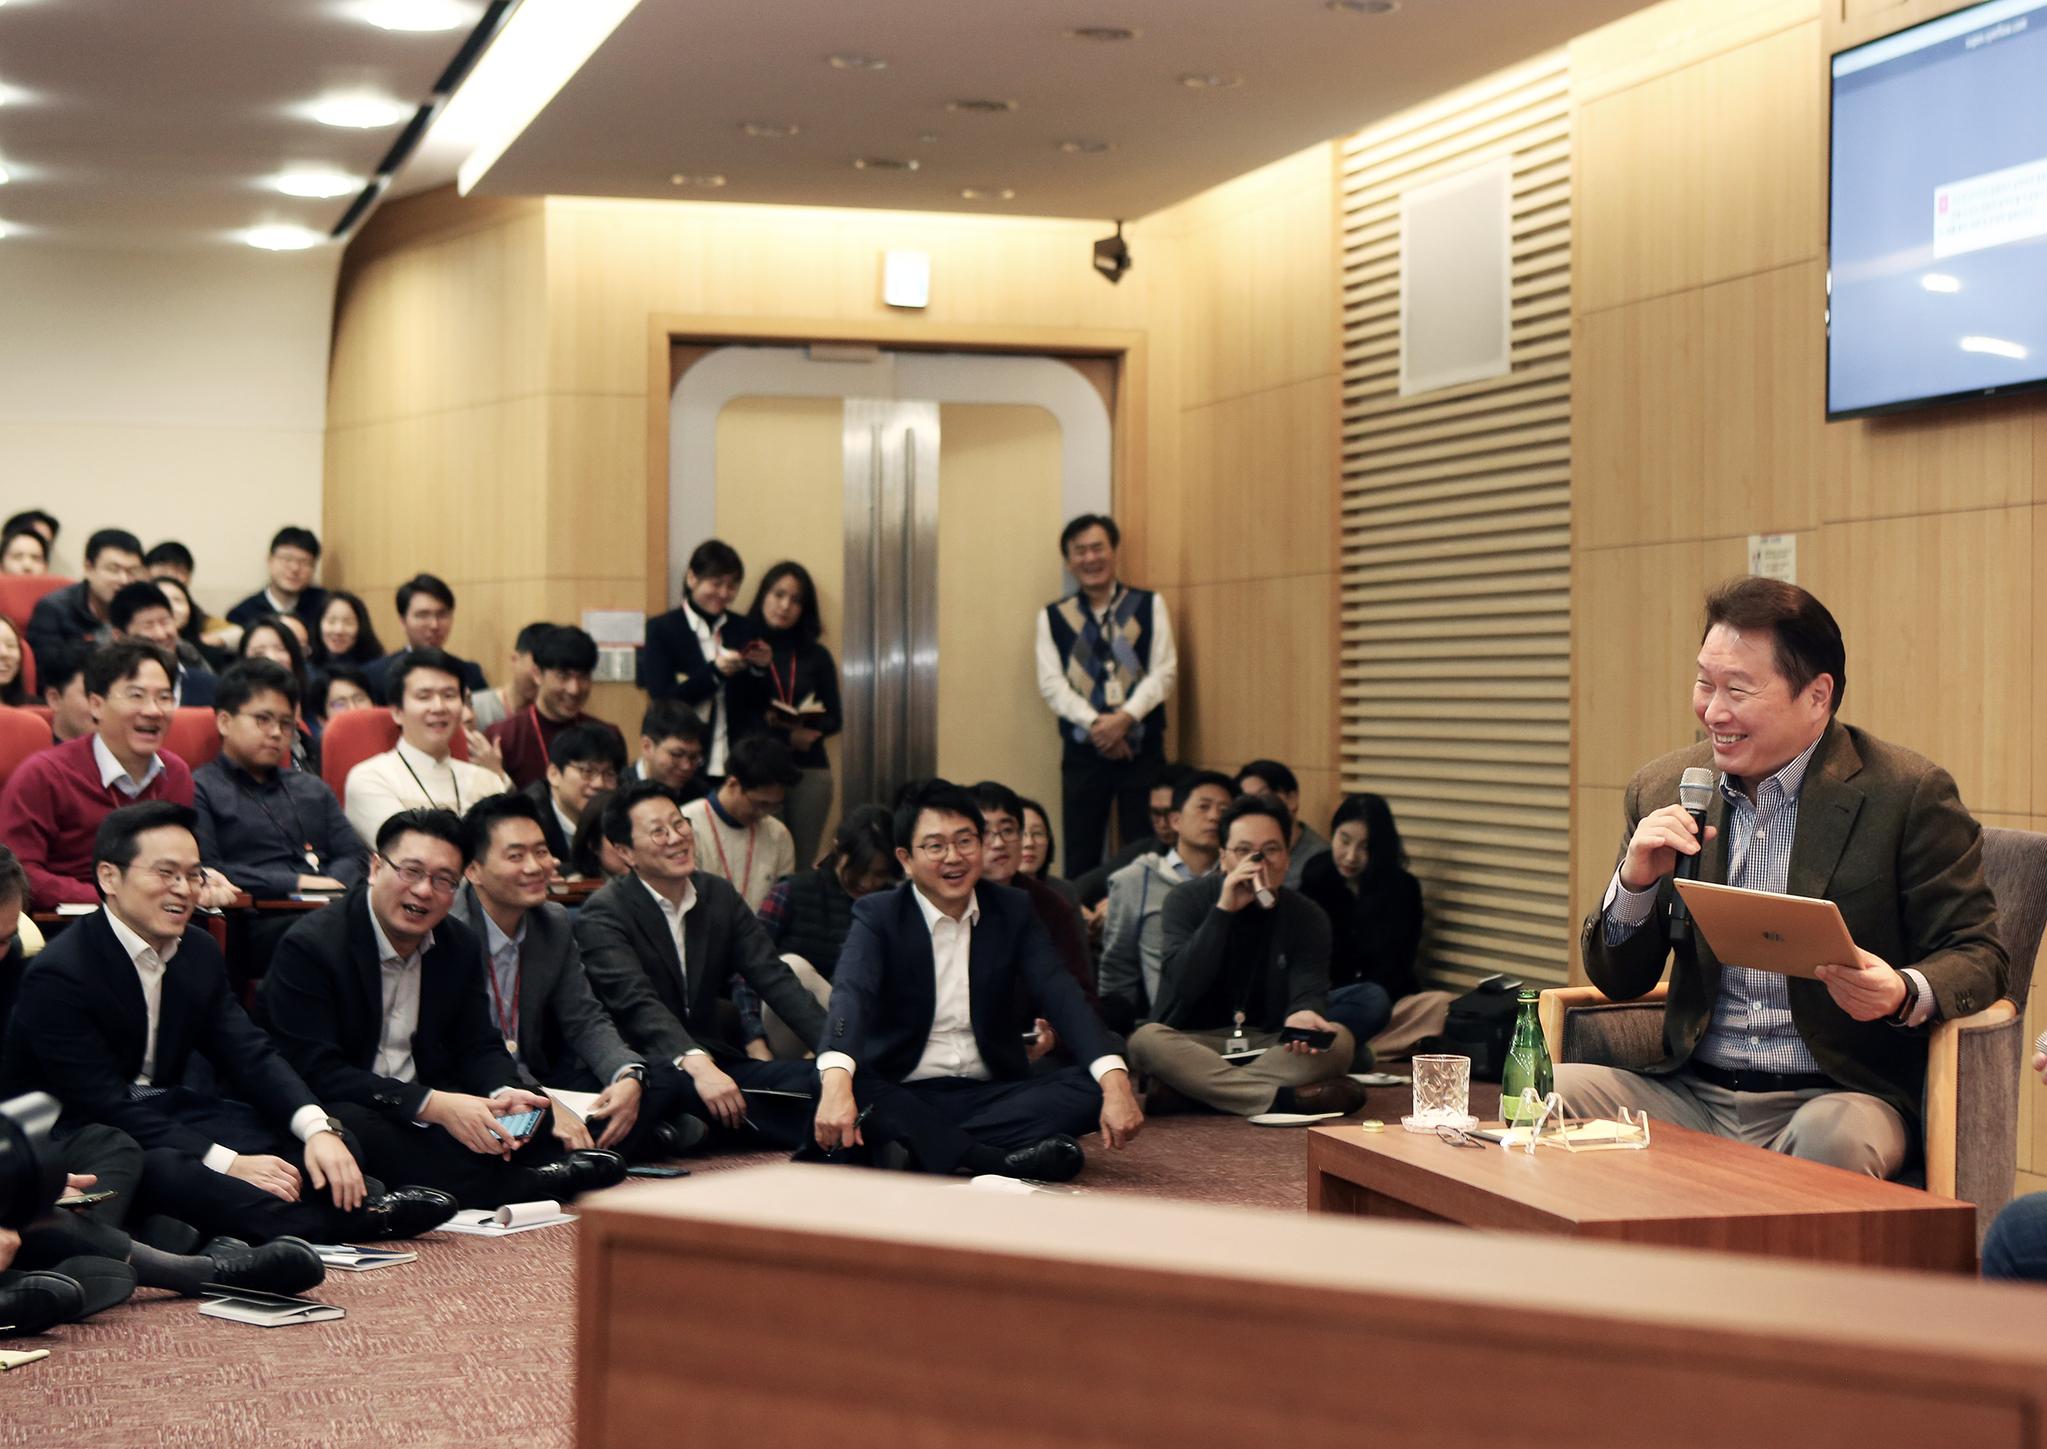 최태원 SK회장이 지난 8일 서울 종로구 SK서린빌딩에서 열린 '행복 토크'에서 구성원들과 행복키우기를 위한 작은 실천 방안들에 대해 토론하고 있다 [사진 SK]